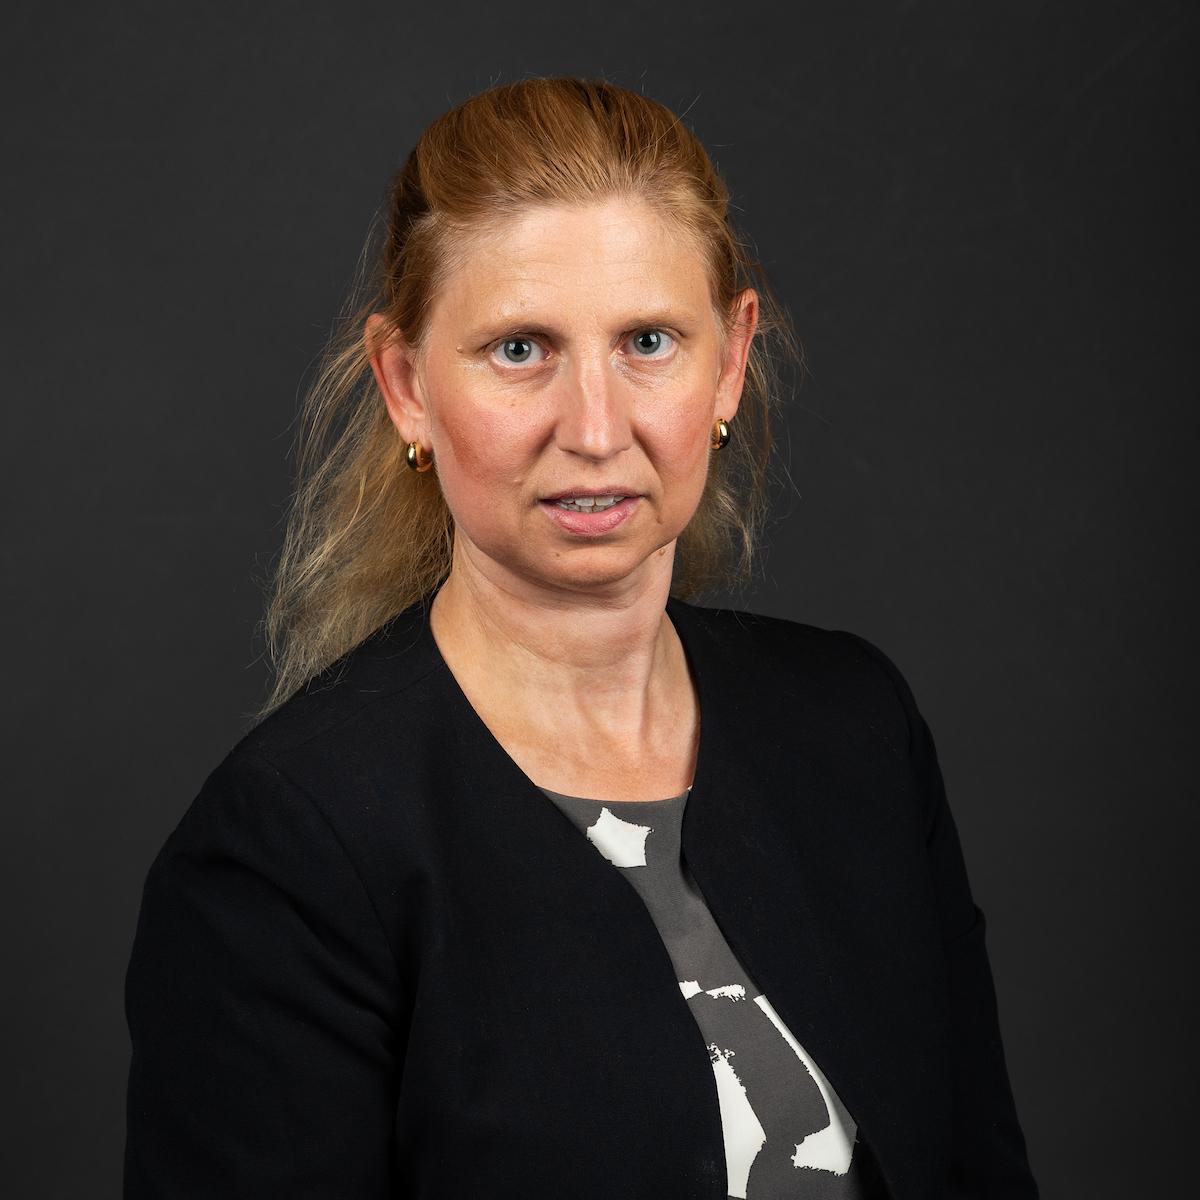 Kristin Flachsbart